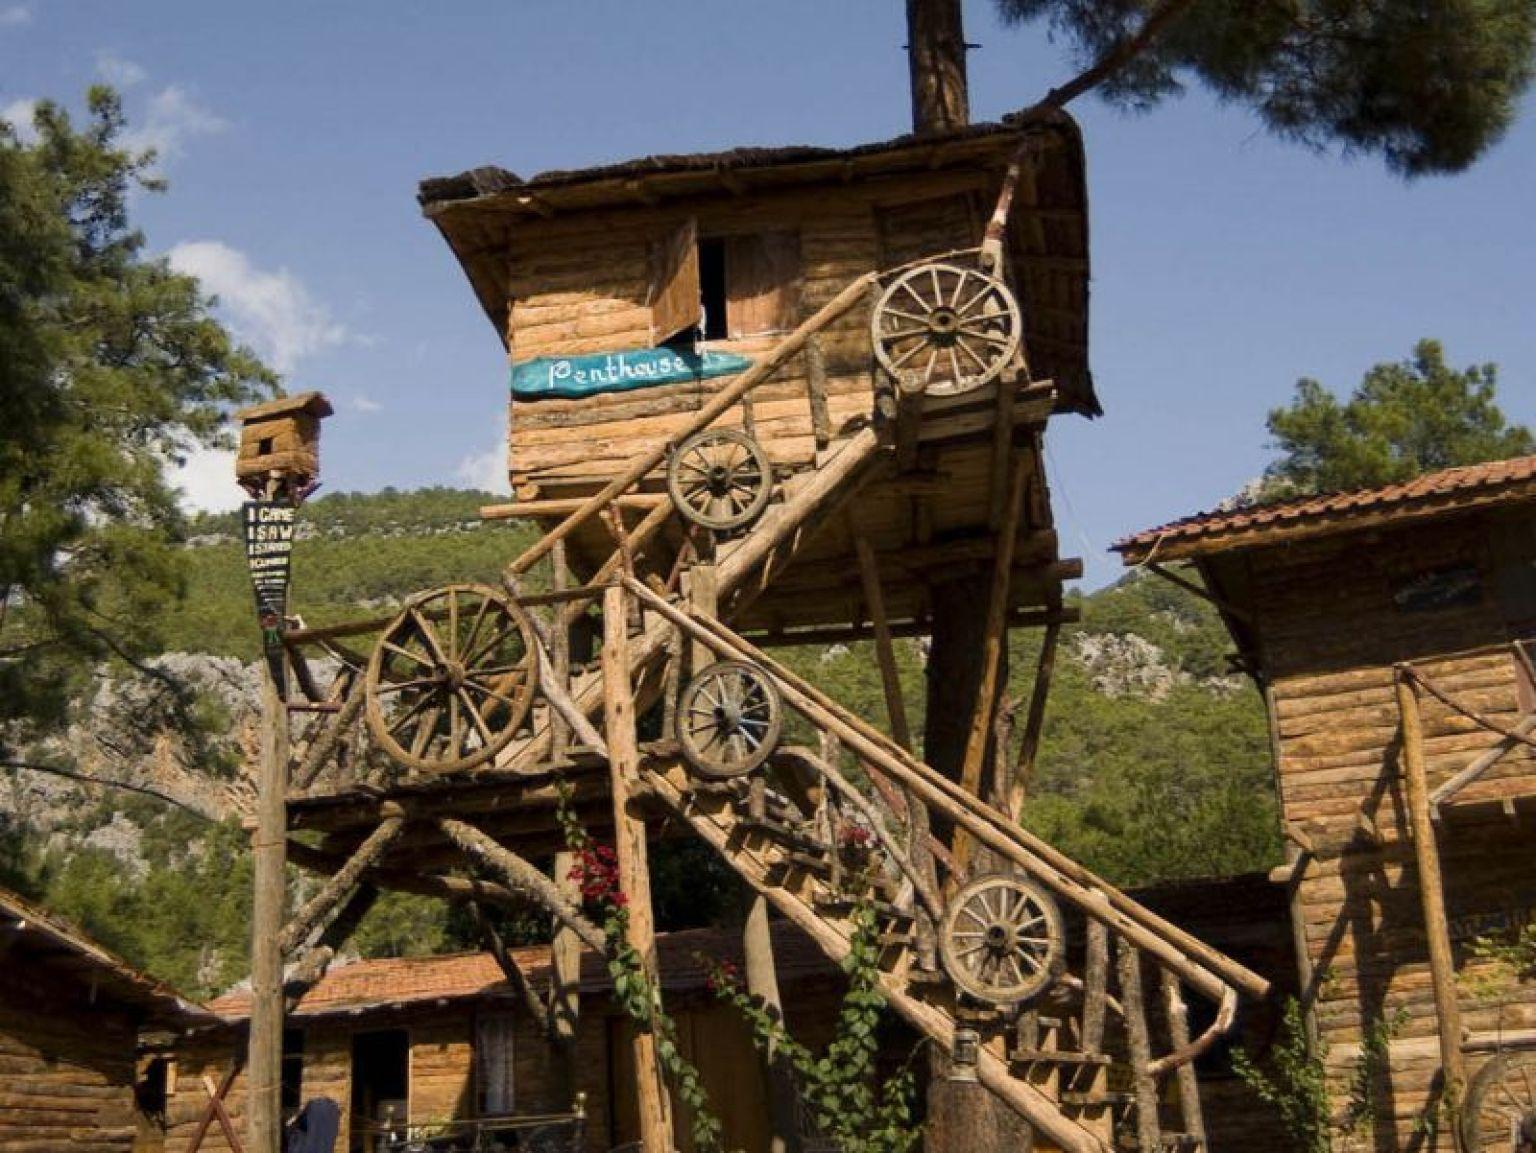 In vacanza su un albero indirizzi con camere vista cielo foto - Casa sugli alberi ...